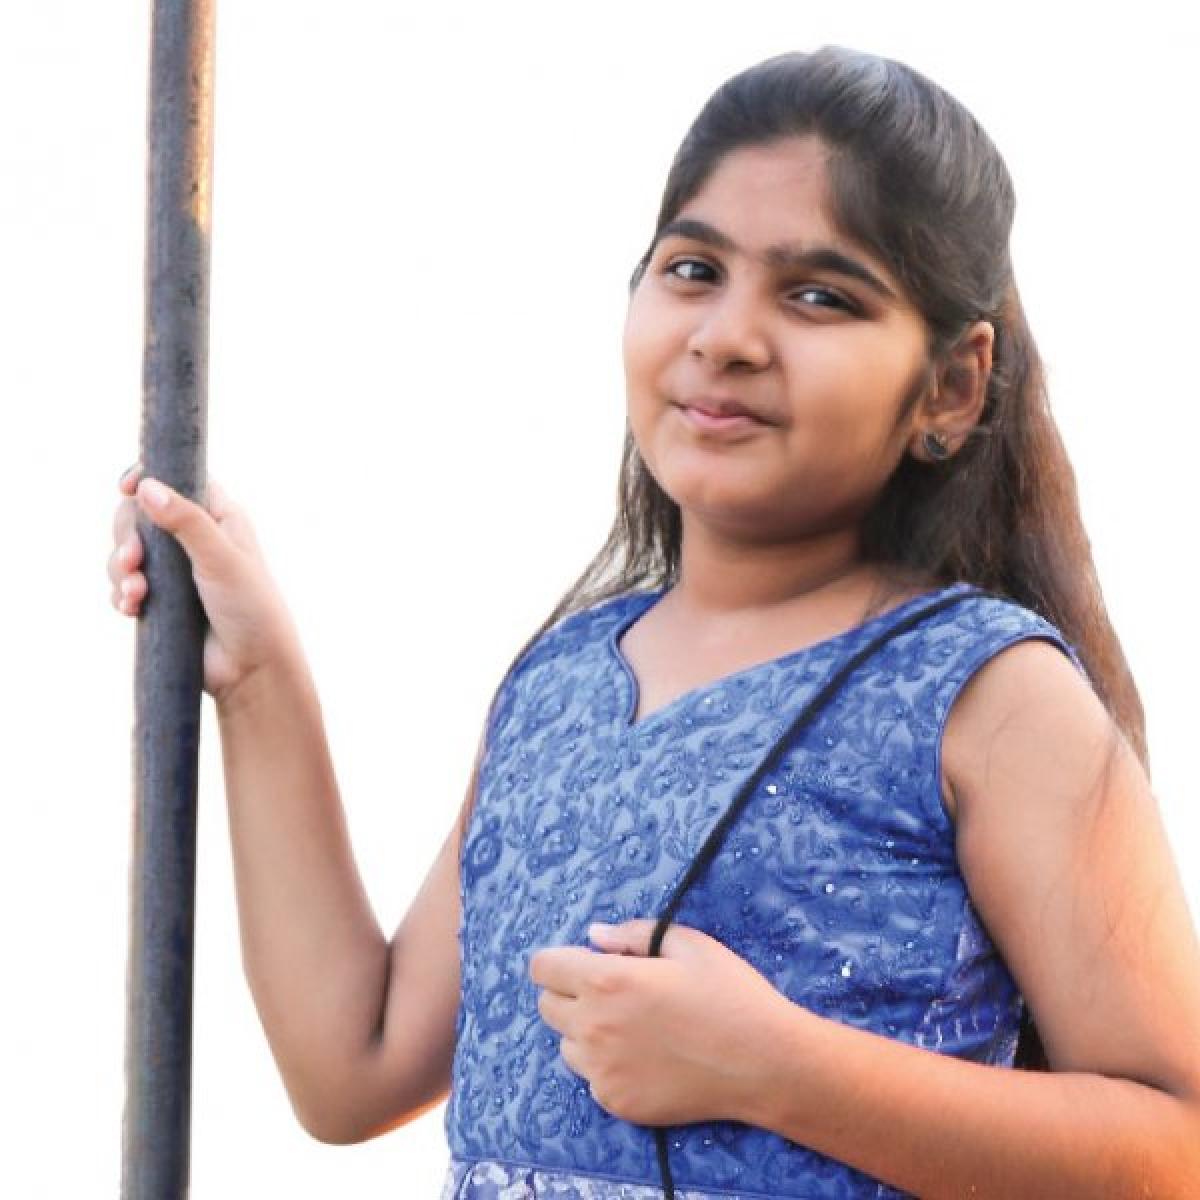 ஸ்லிம் பேக்